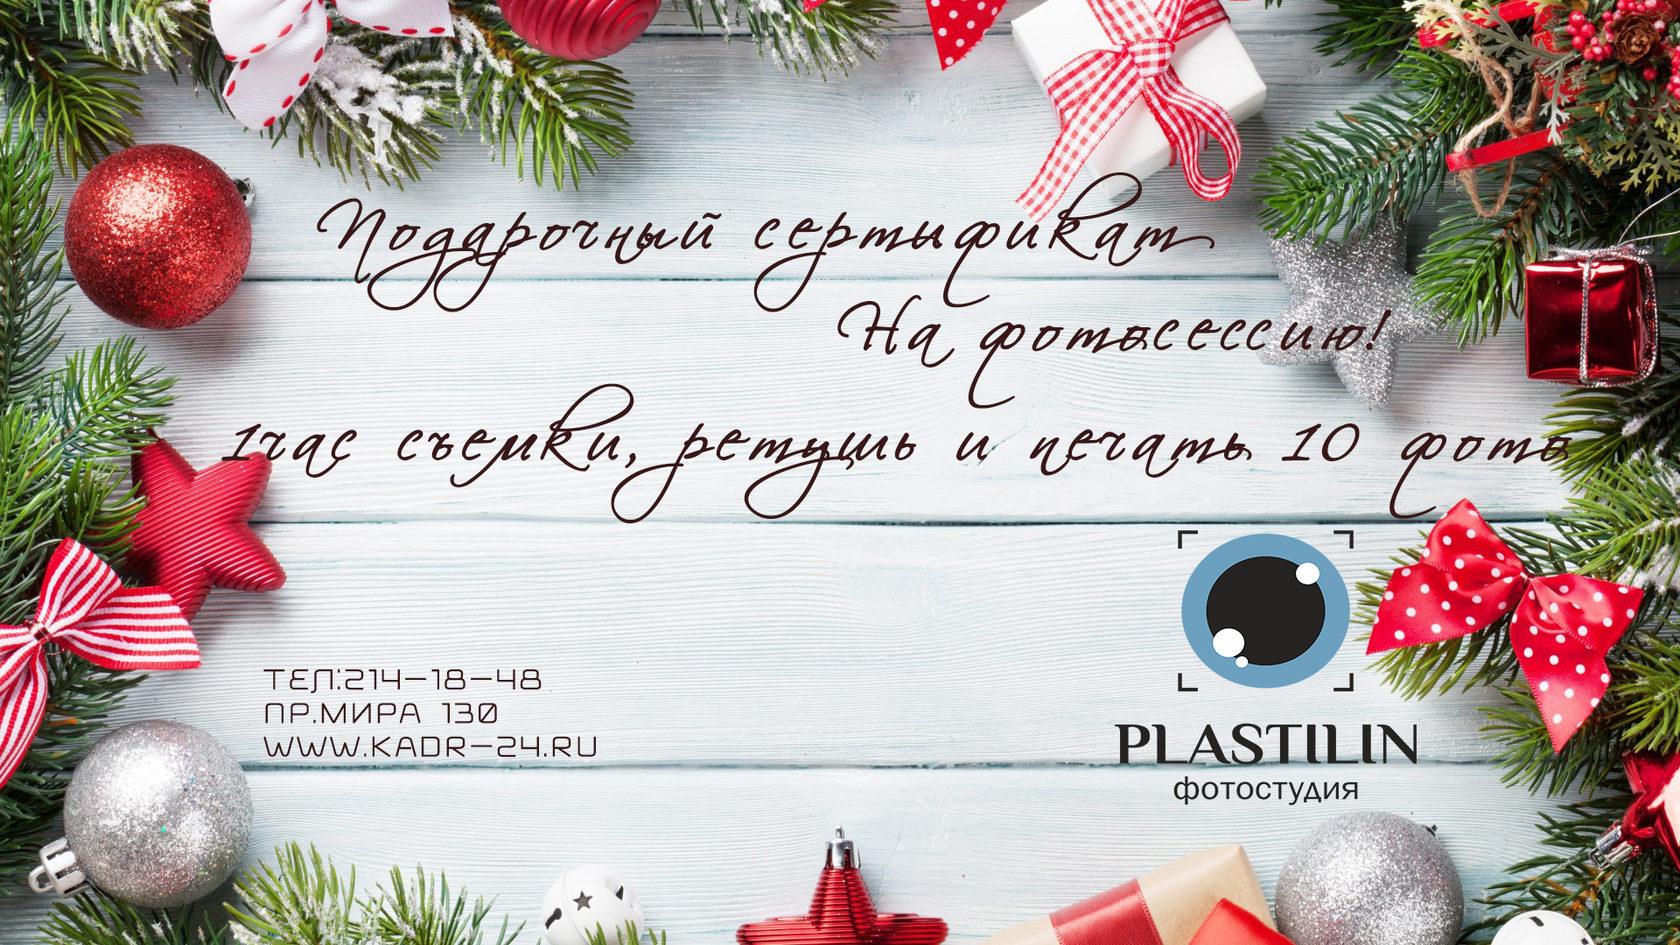 Шаблон сертификата для новогодней фотосессии